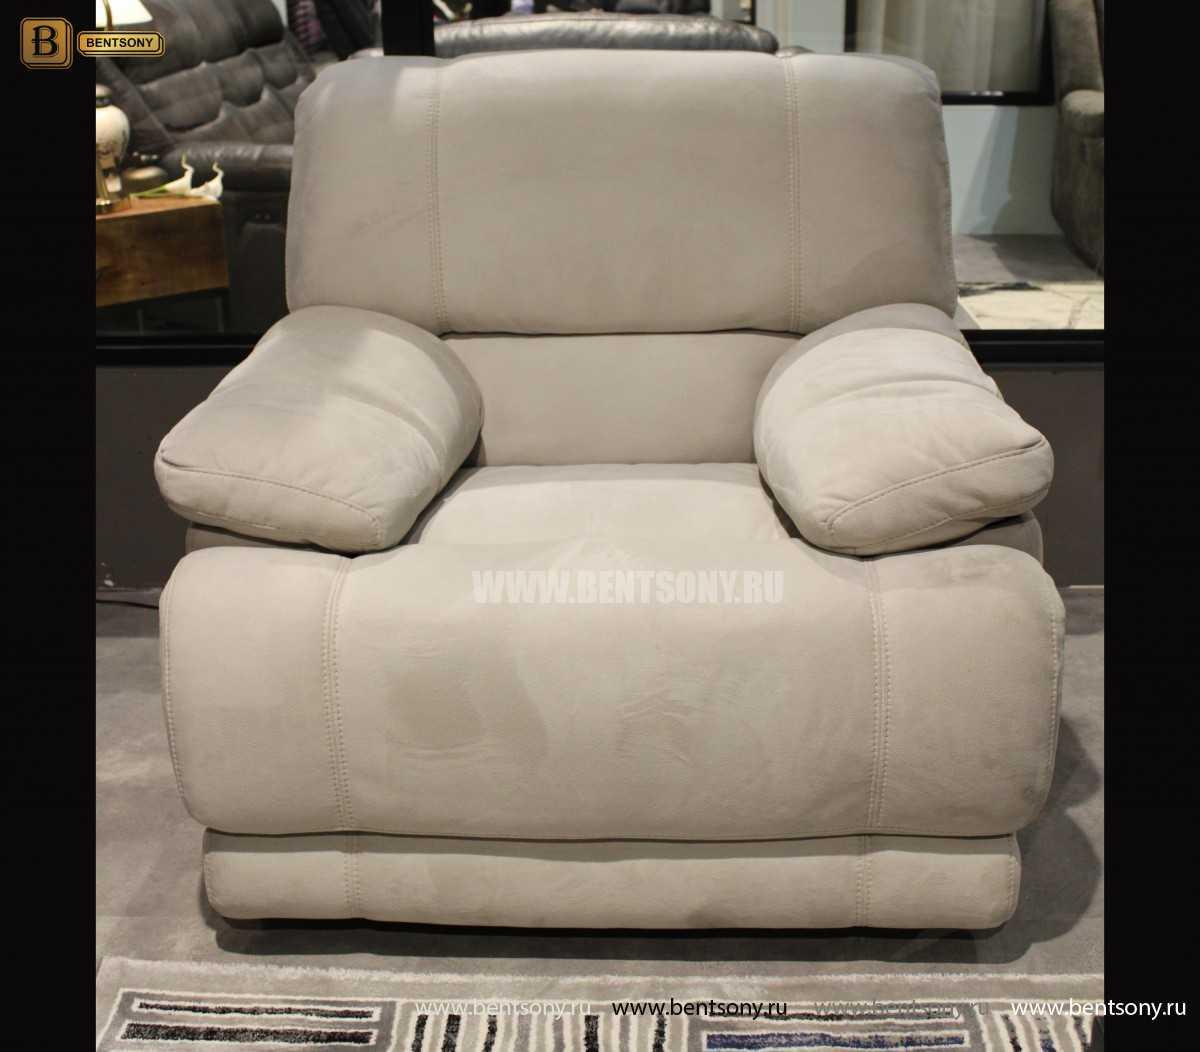 Кресло Марко (Реклайнер, Алькантара) в интерьере